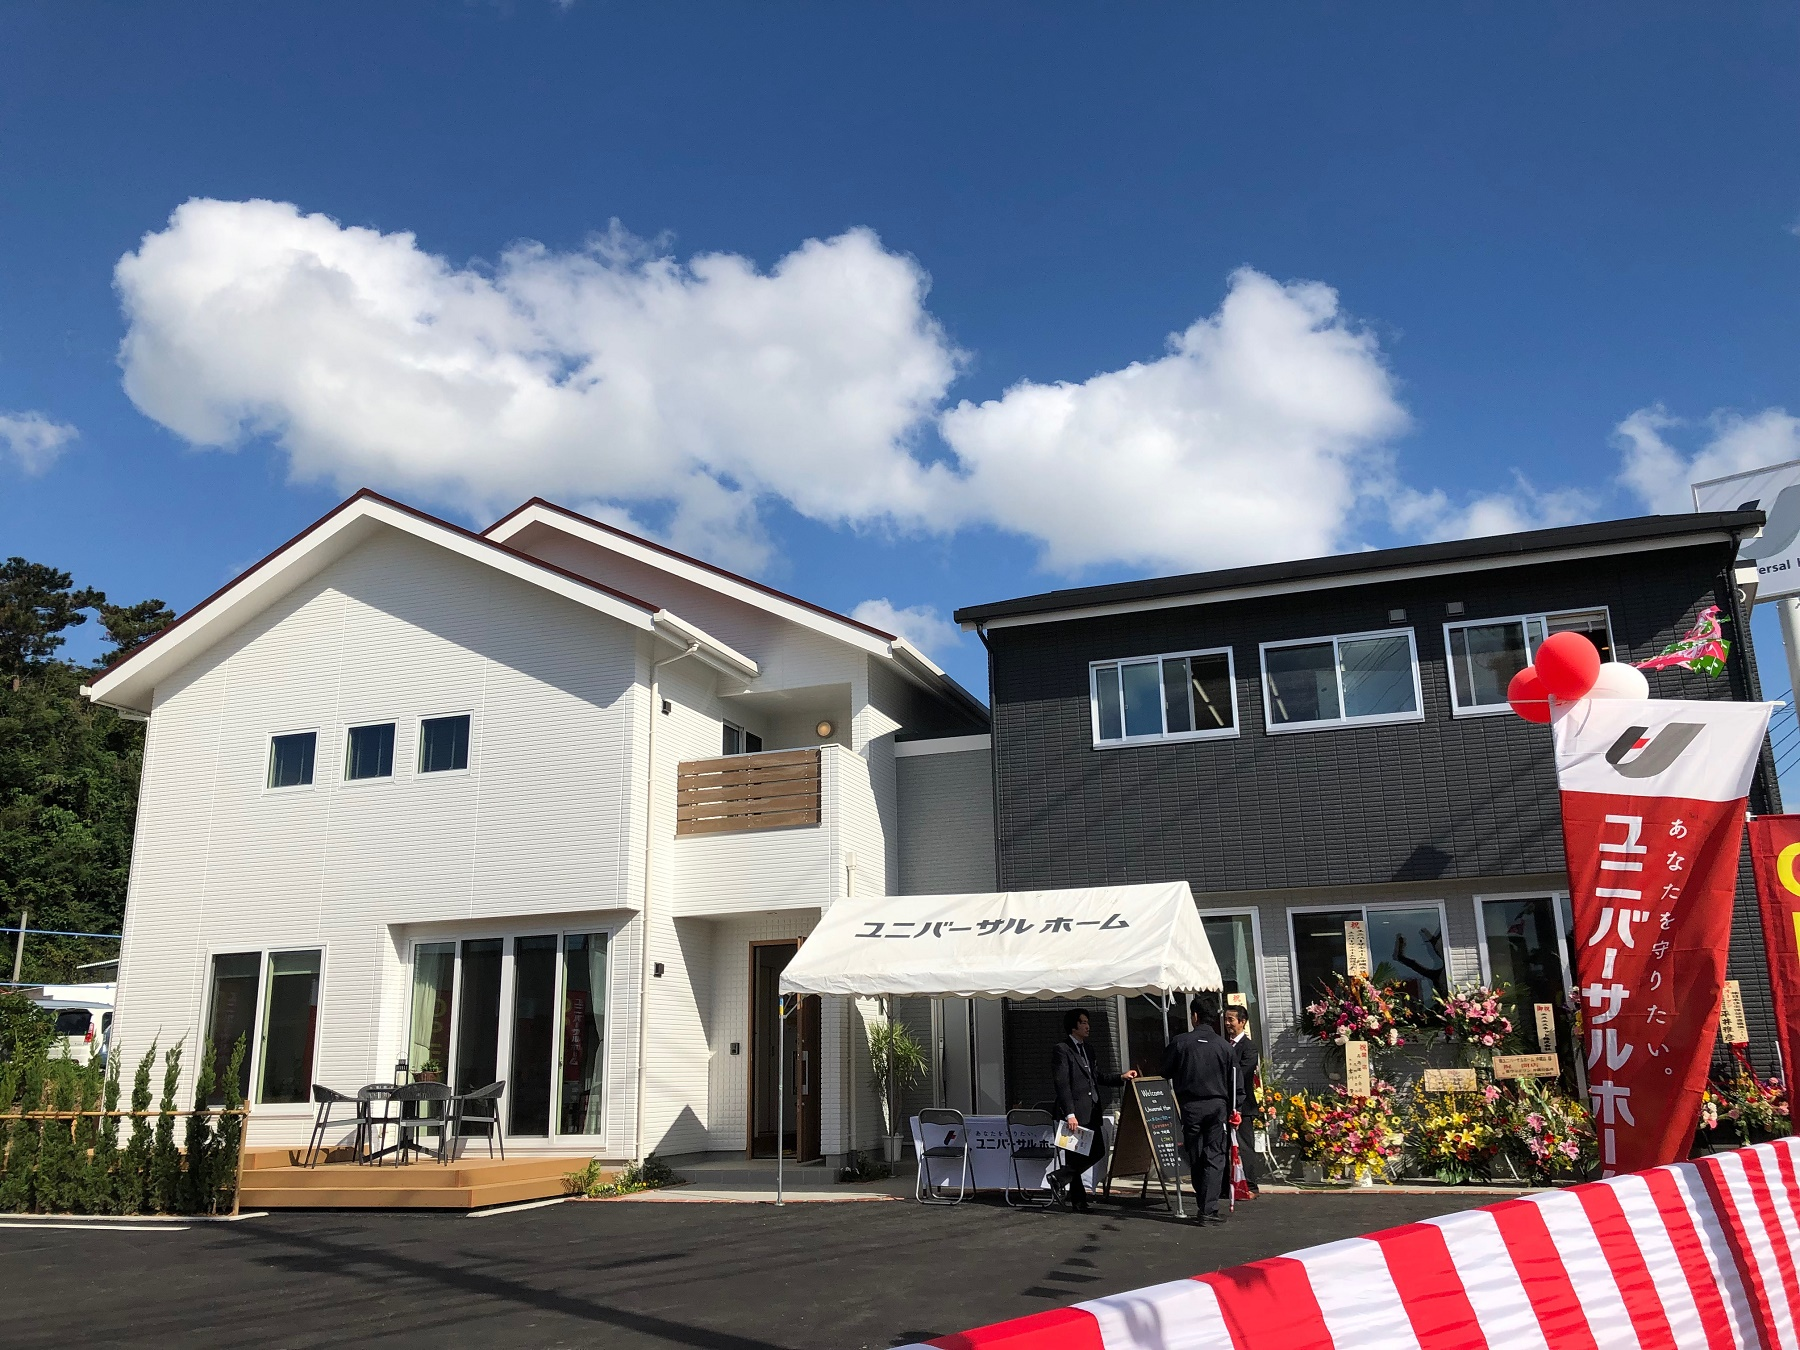 モデルハウス(住宅展示場)沖縄店